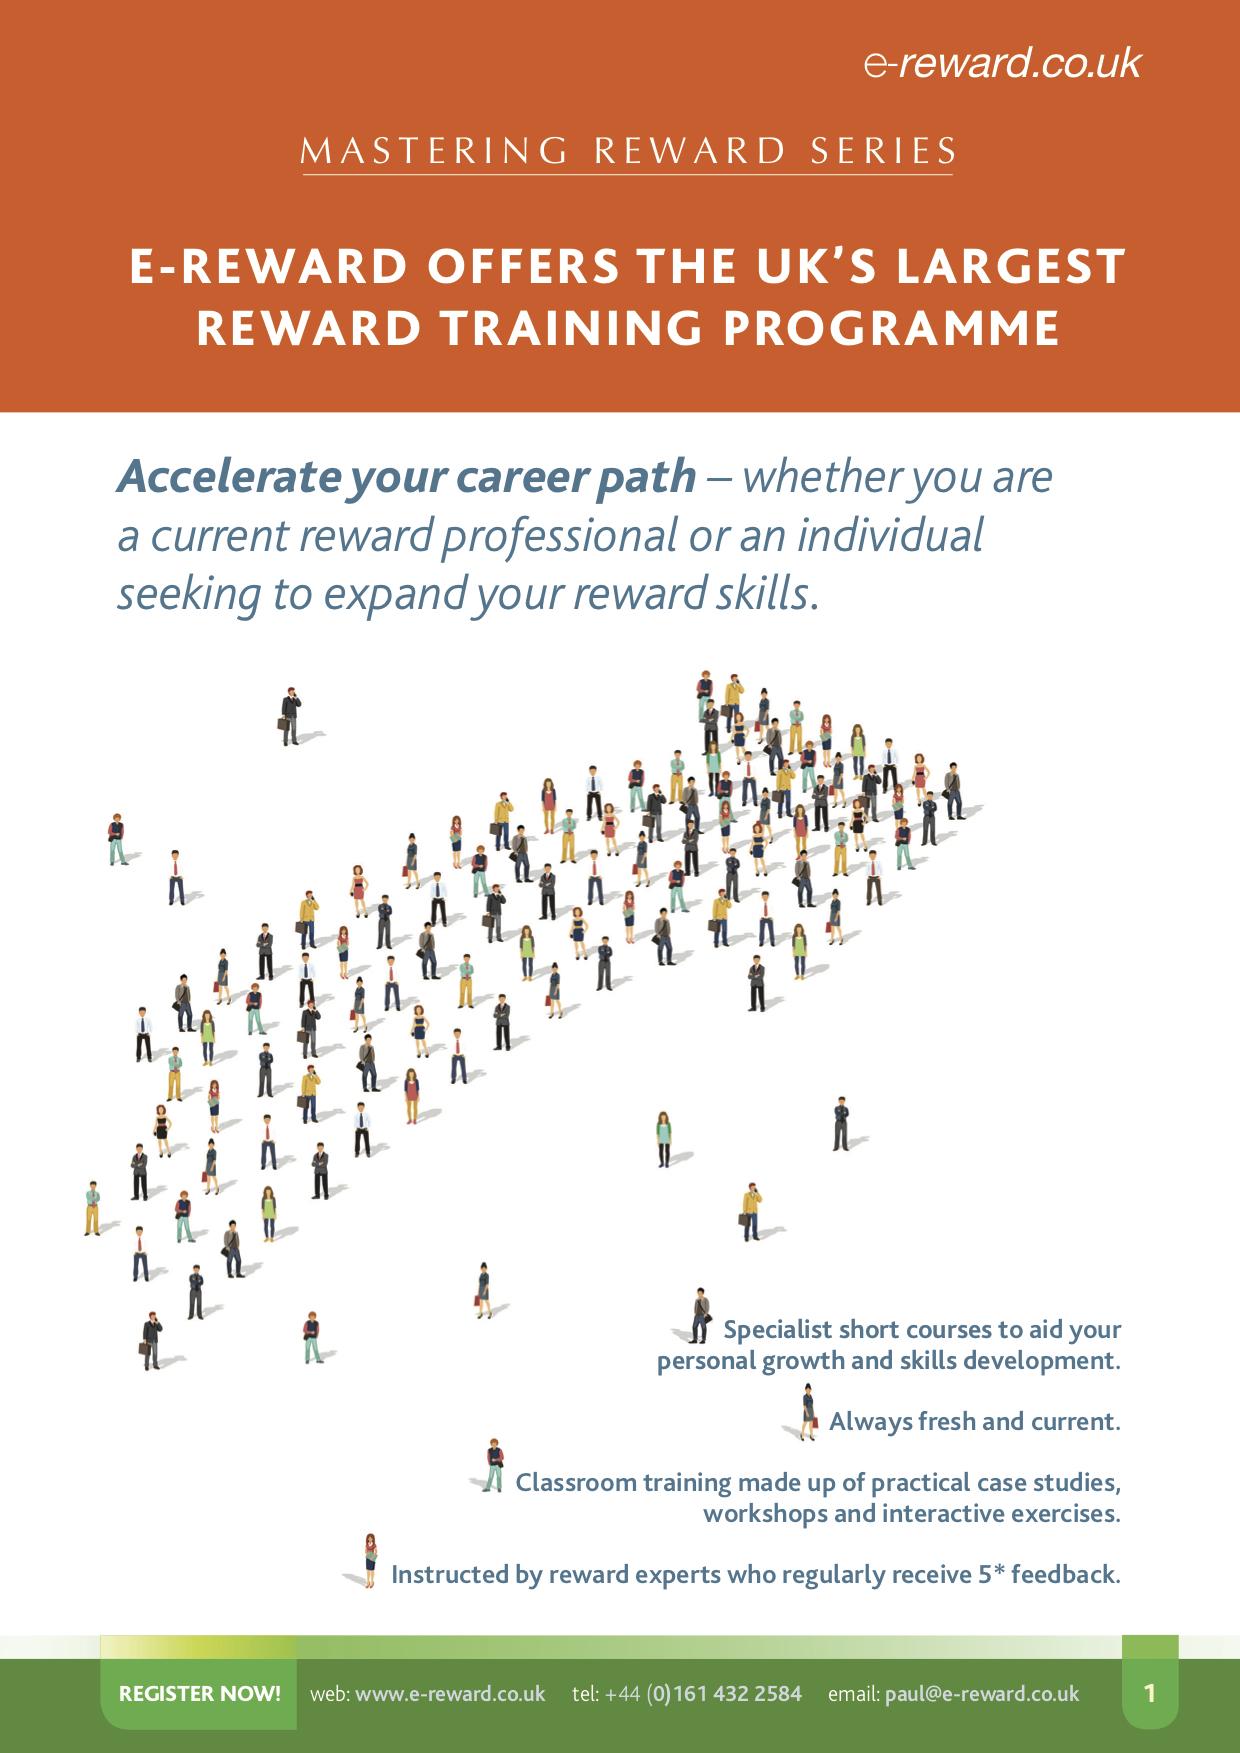 Mastering Reward brochure image